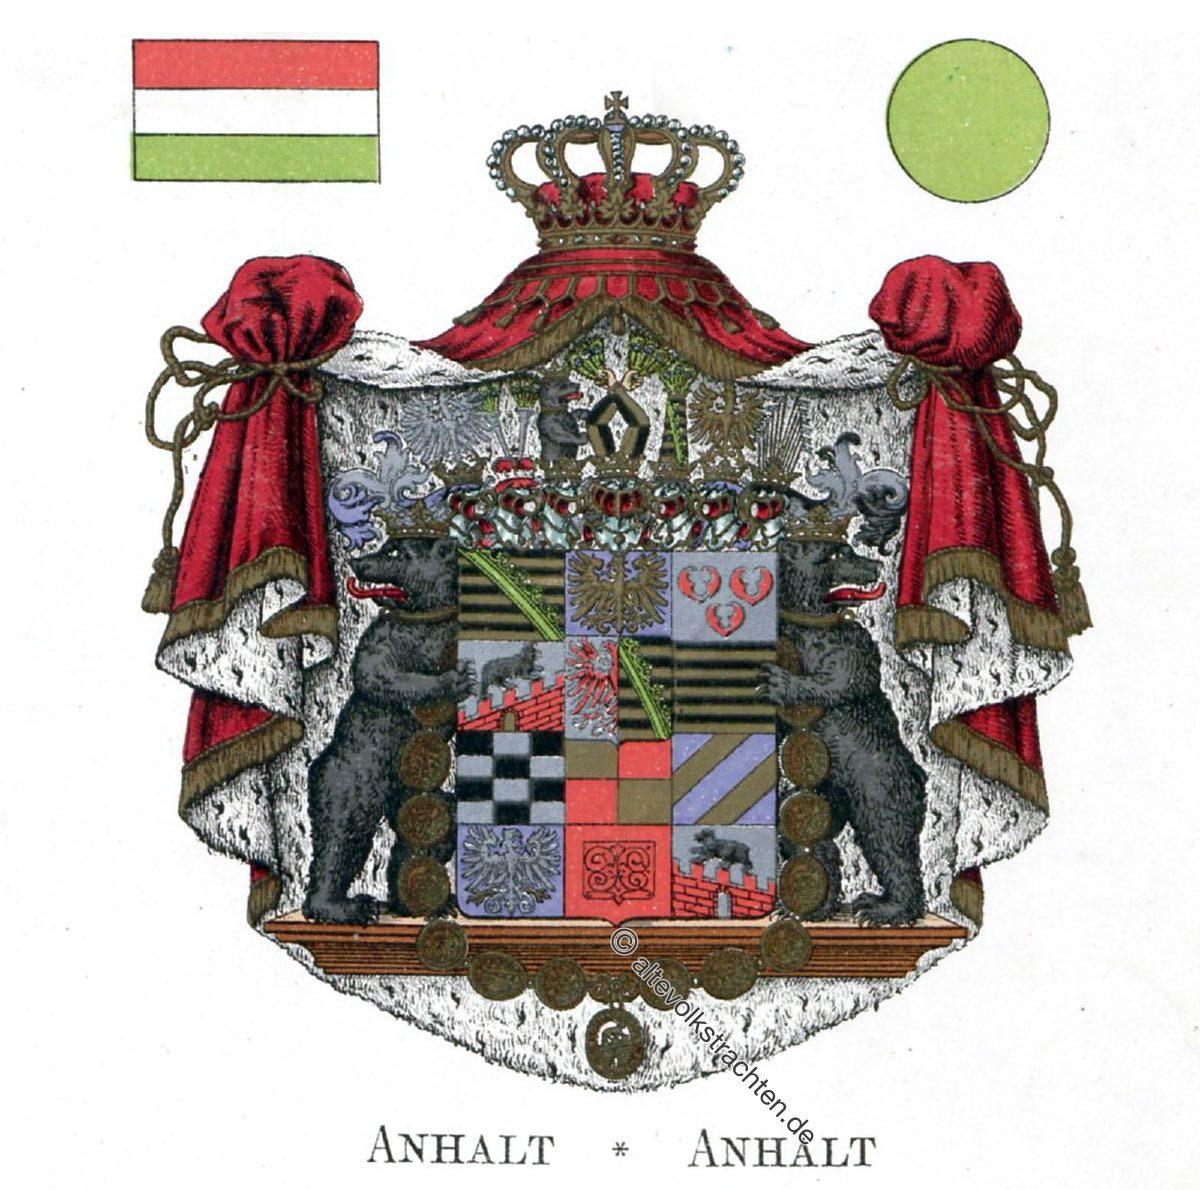 Anhalt, Staatswappen, Wappen, Heraldik, Deutschland, Landesflaggen, Cocarden, heraldry, héraldique, armoiries,